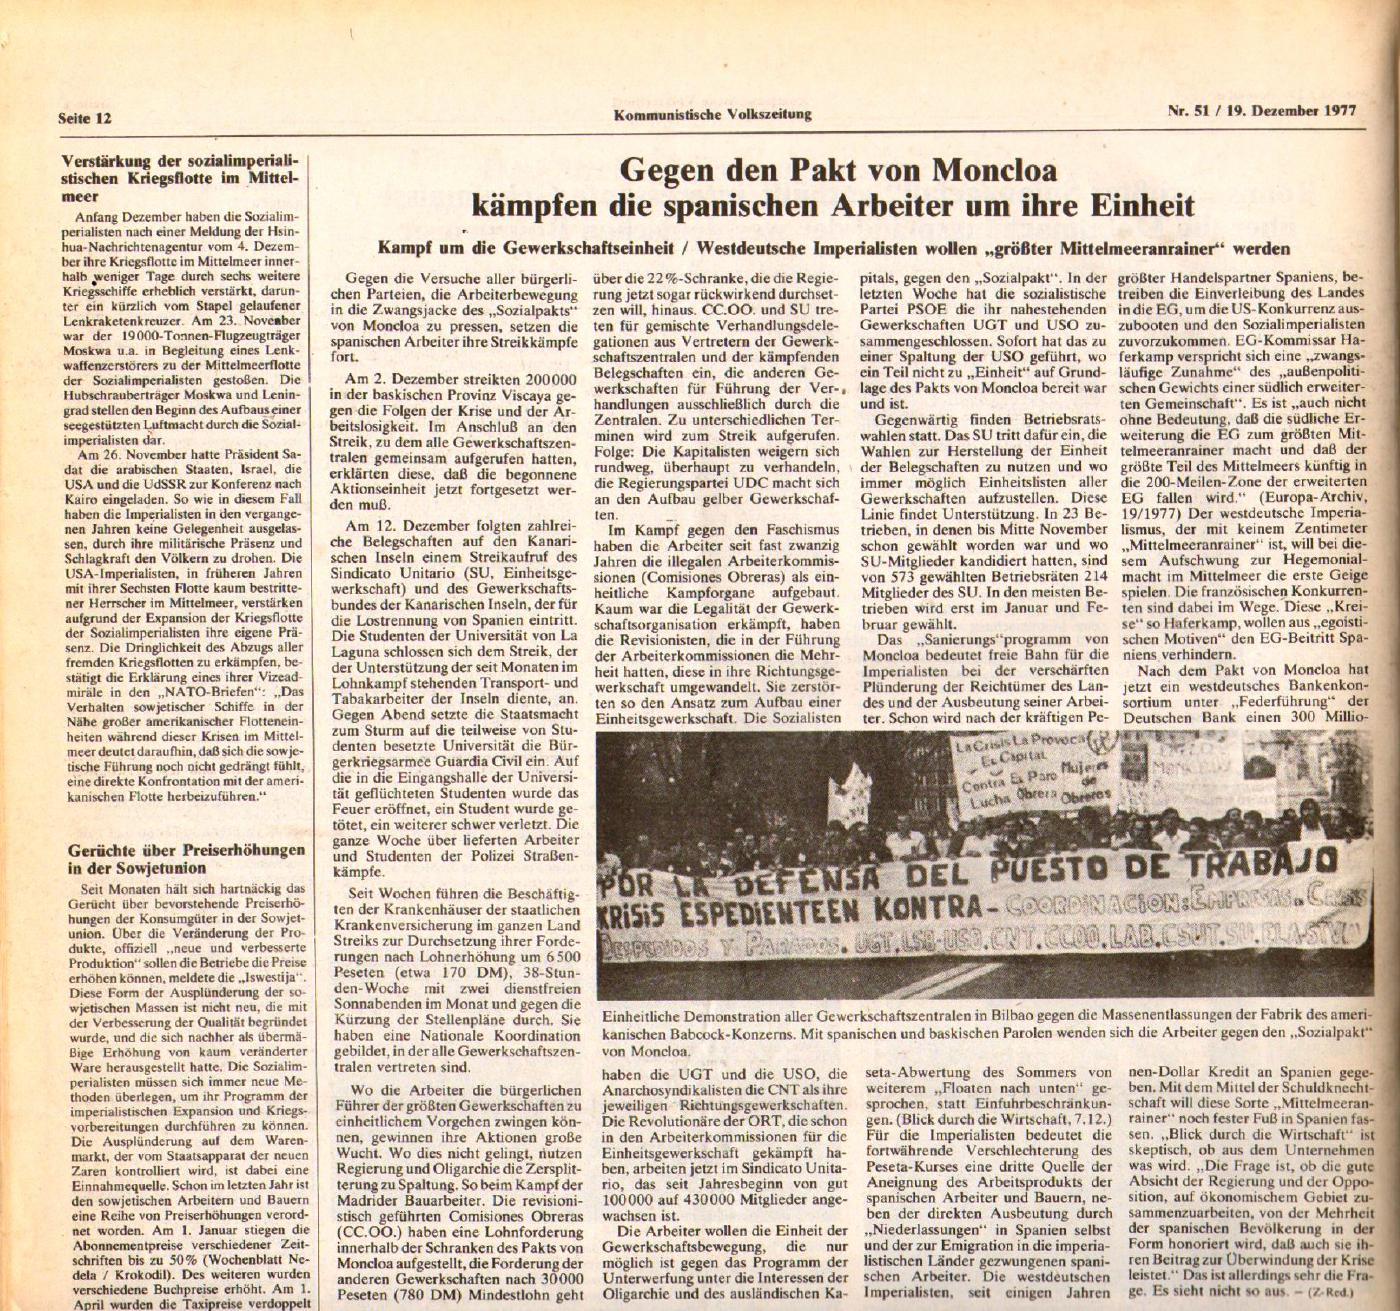 KVZ_Nord_1977_51_23